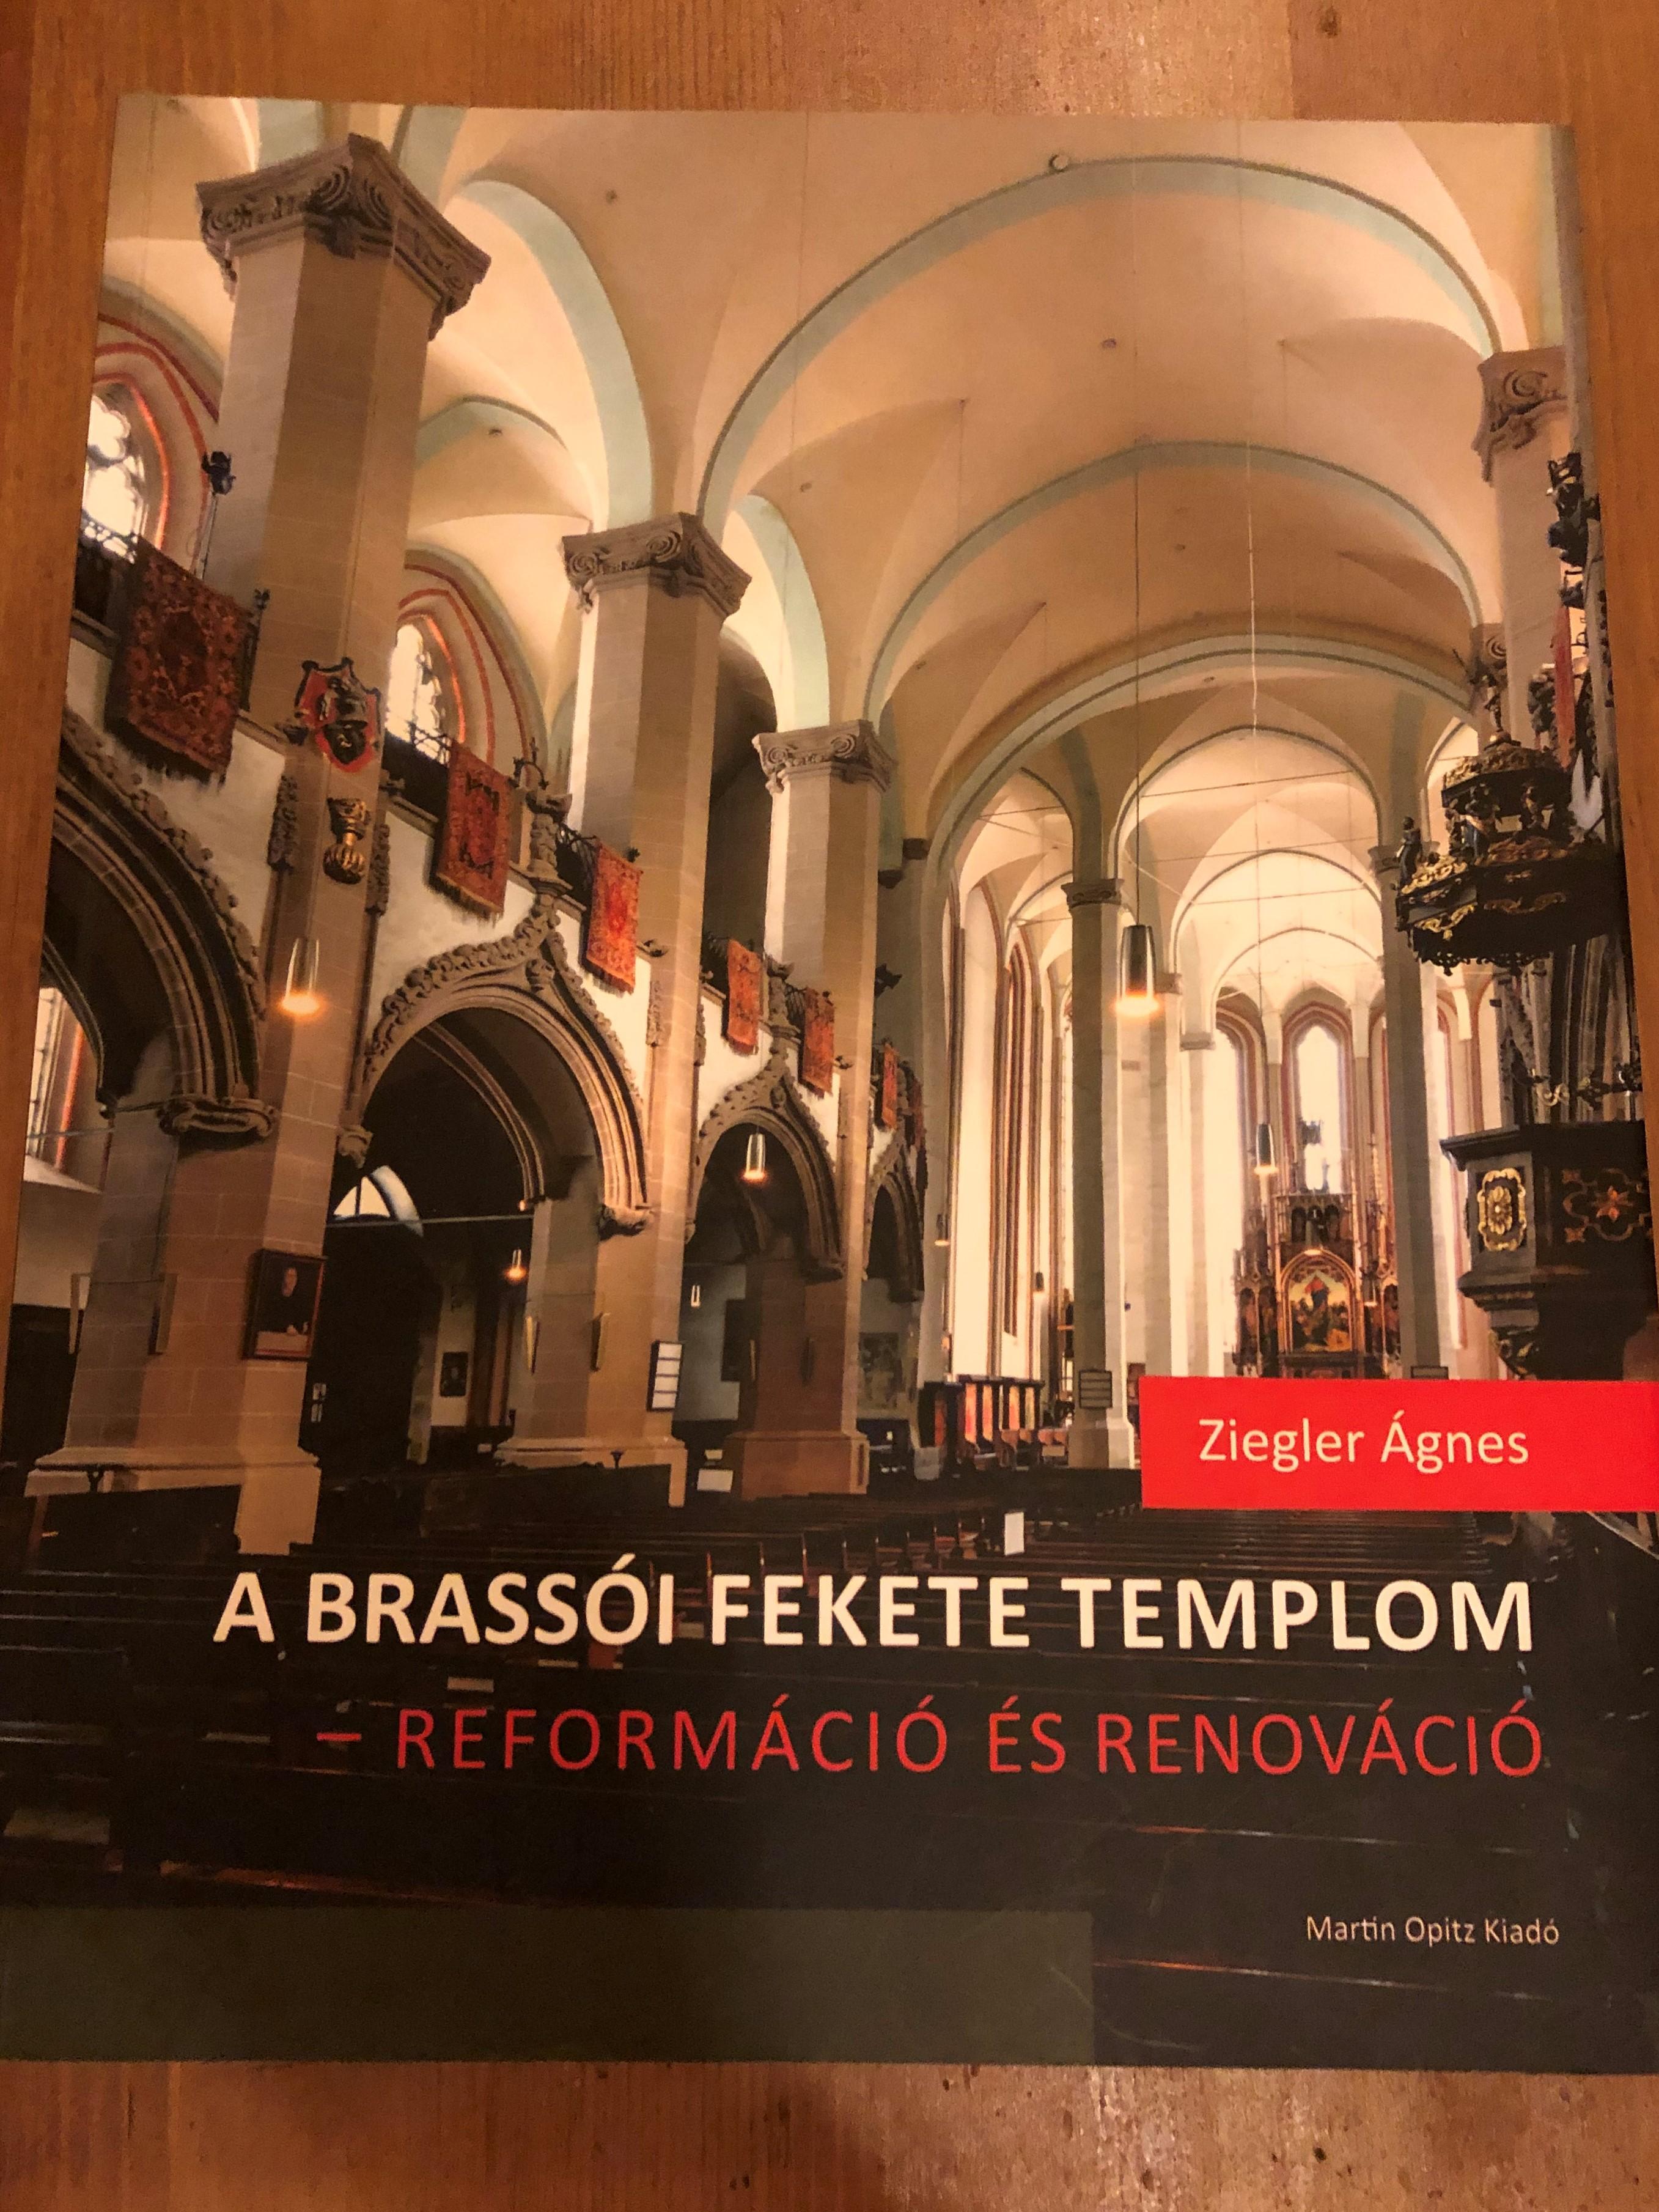 a-brass-i-fekete-templom-reform-ci-s-renov-ci-by-ziegler-gnes-1.jpg